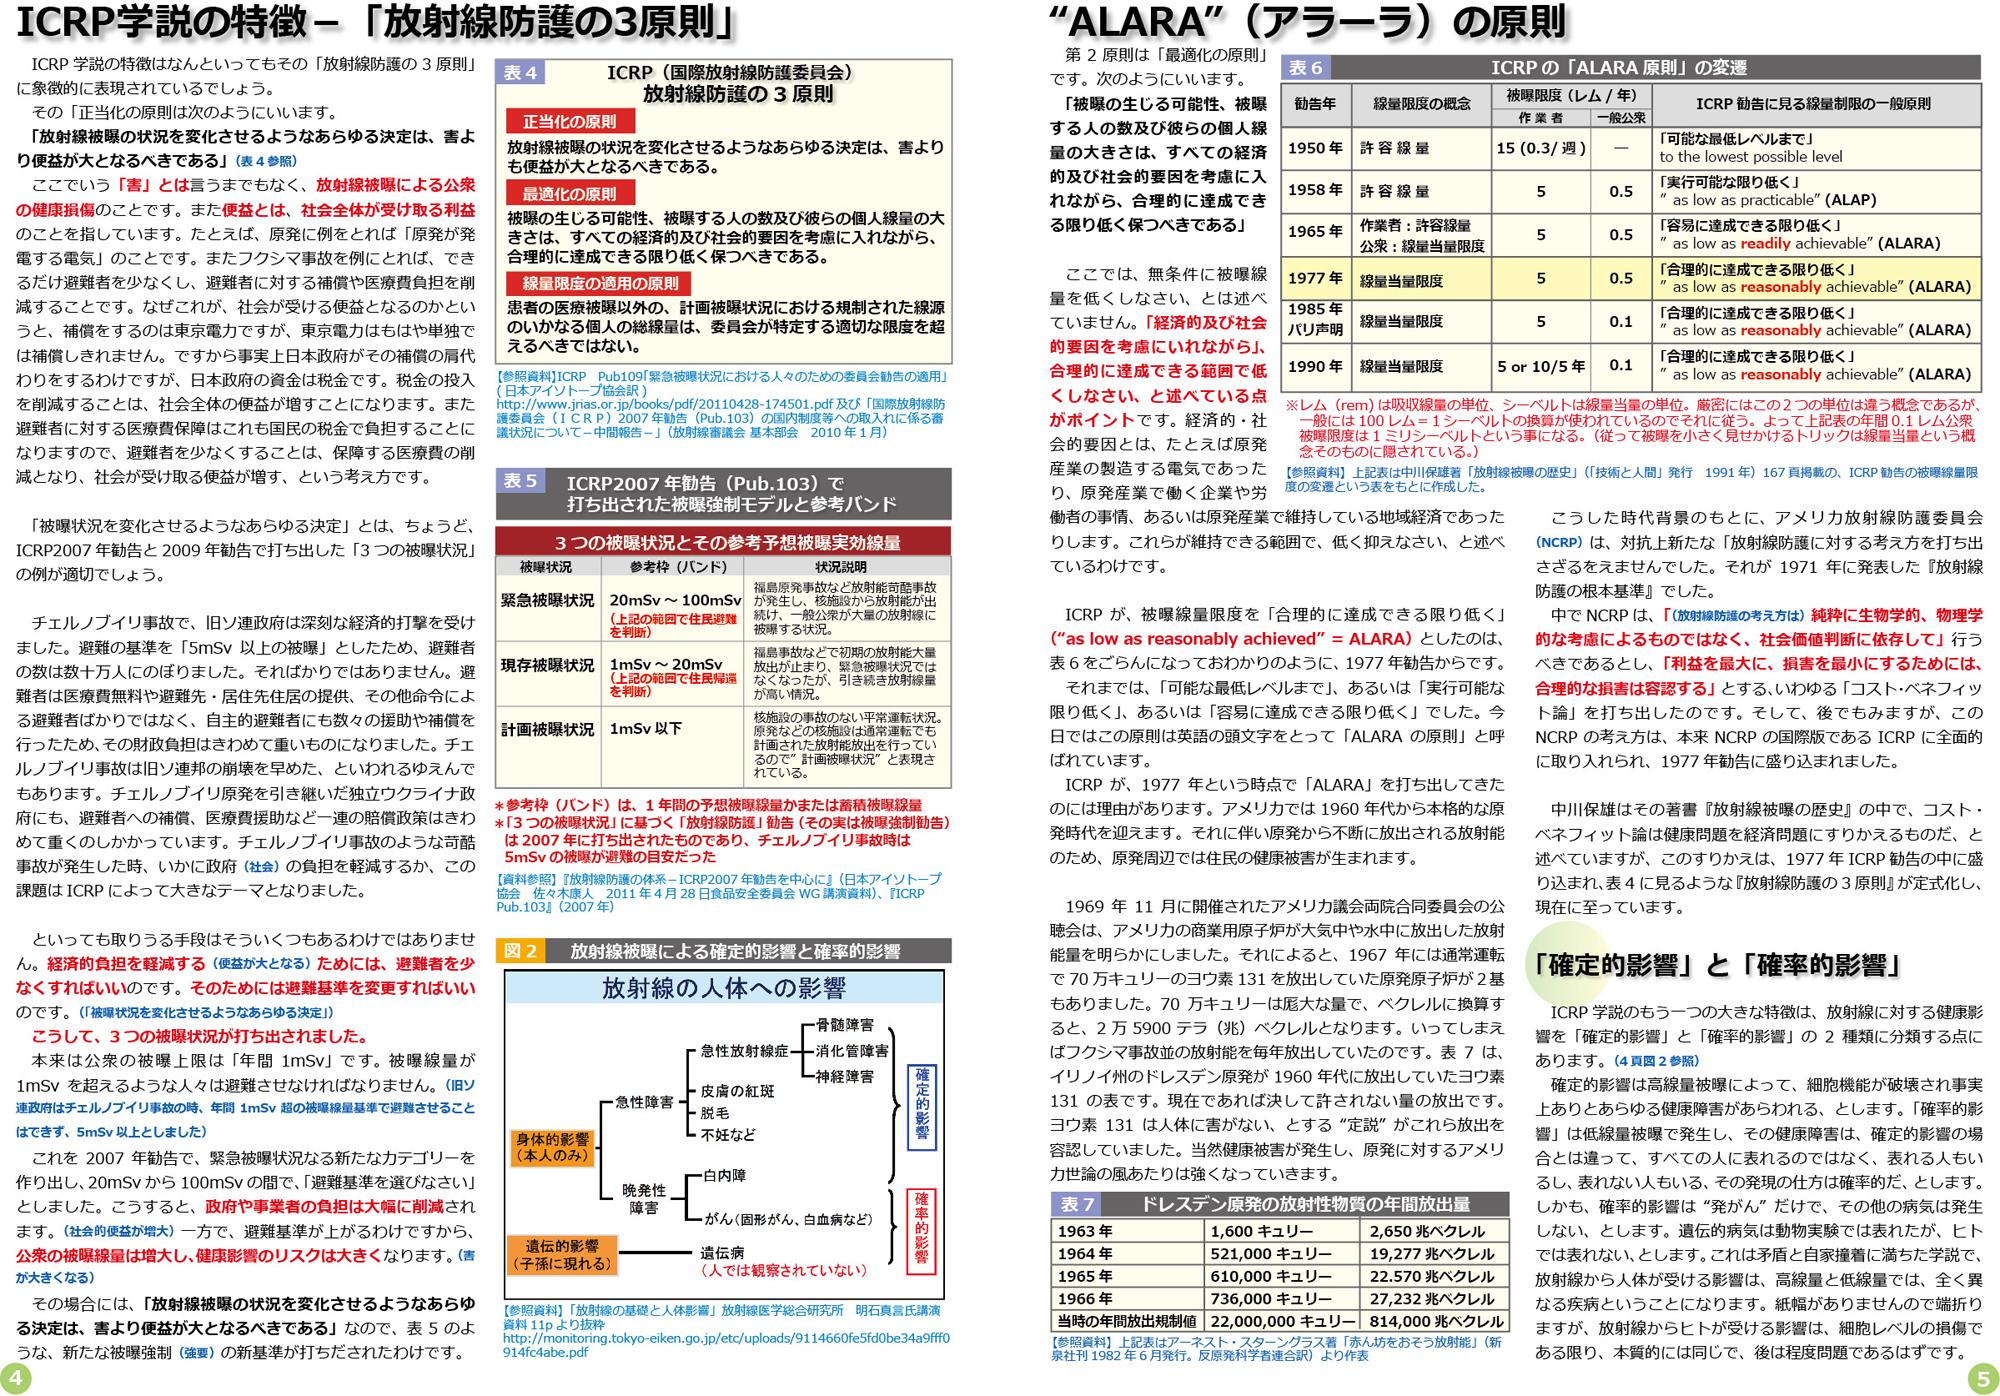 ファイル 419-3.jpg